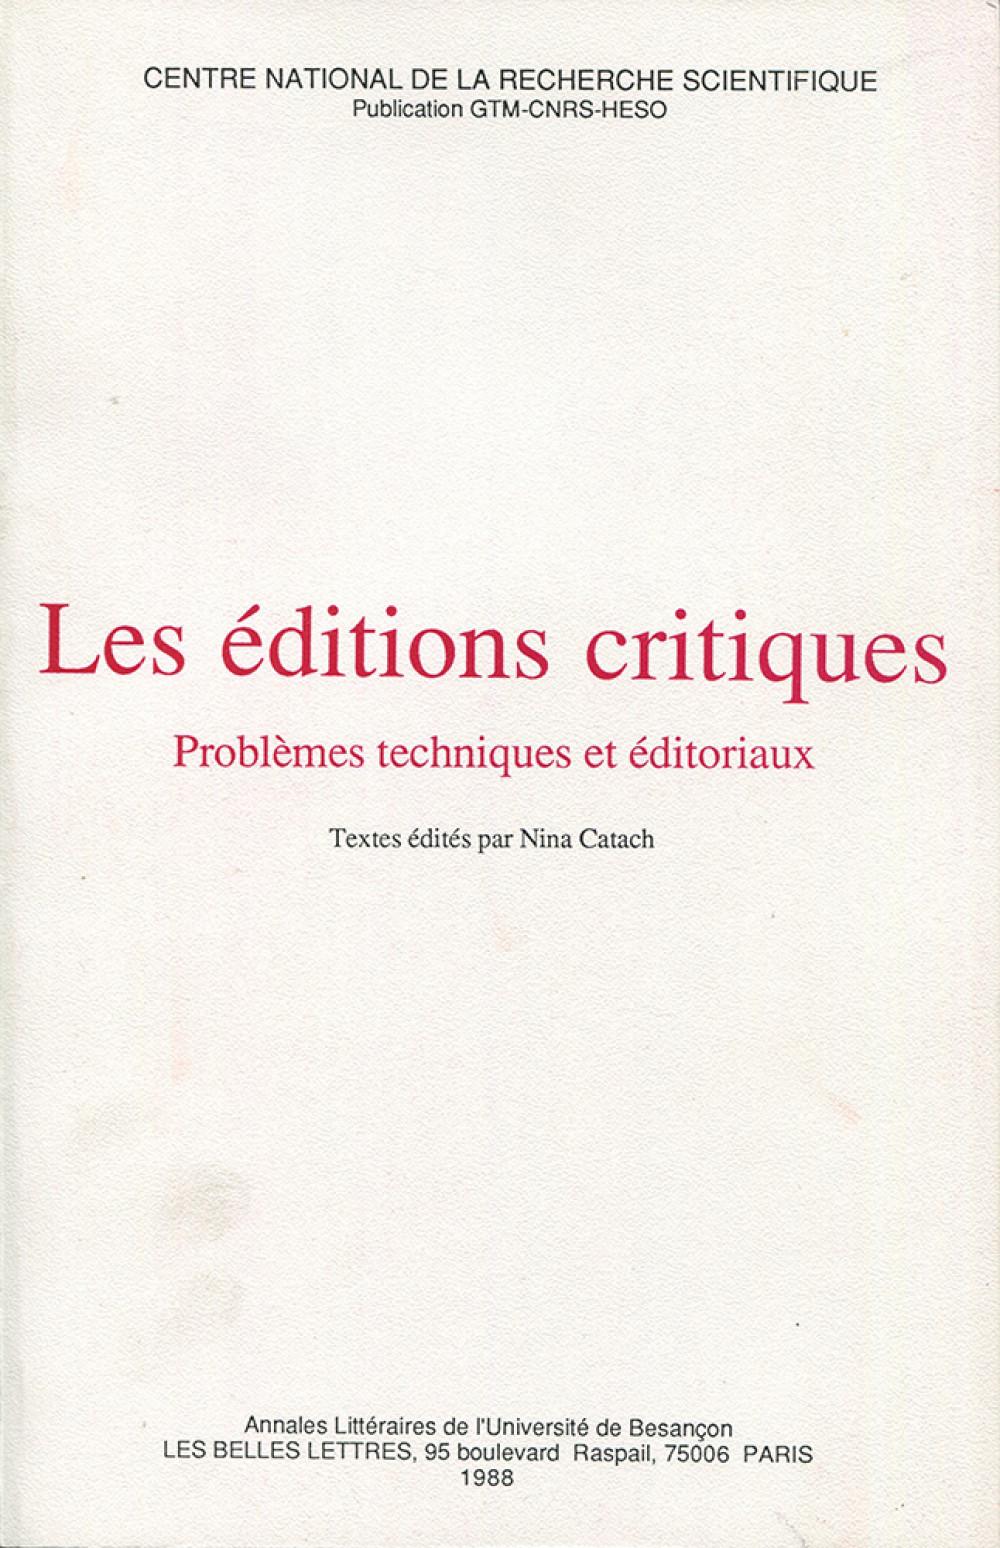 Les éditions critiques